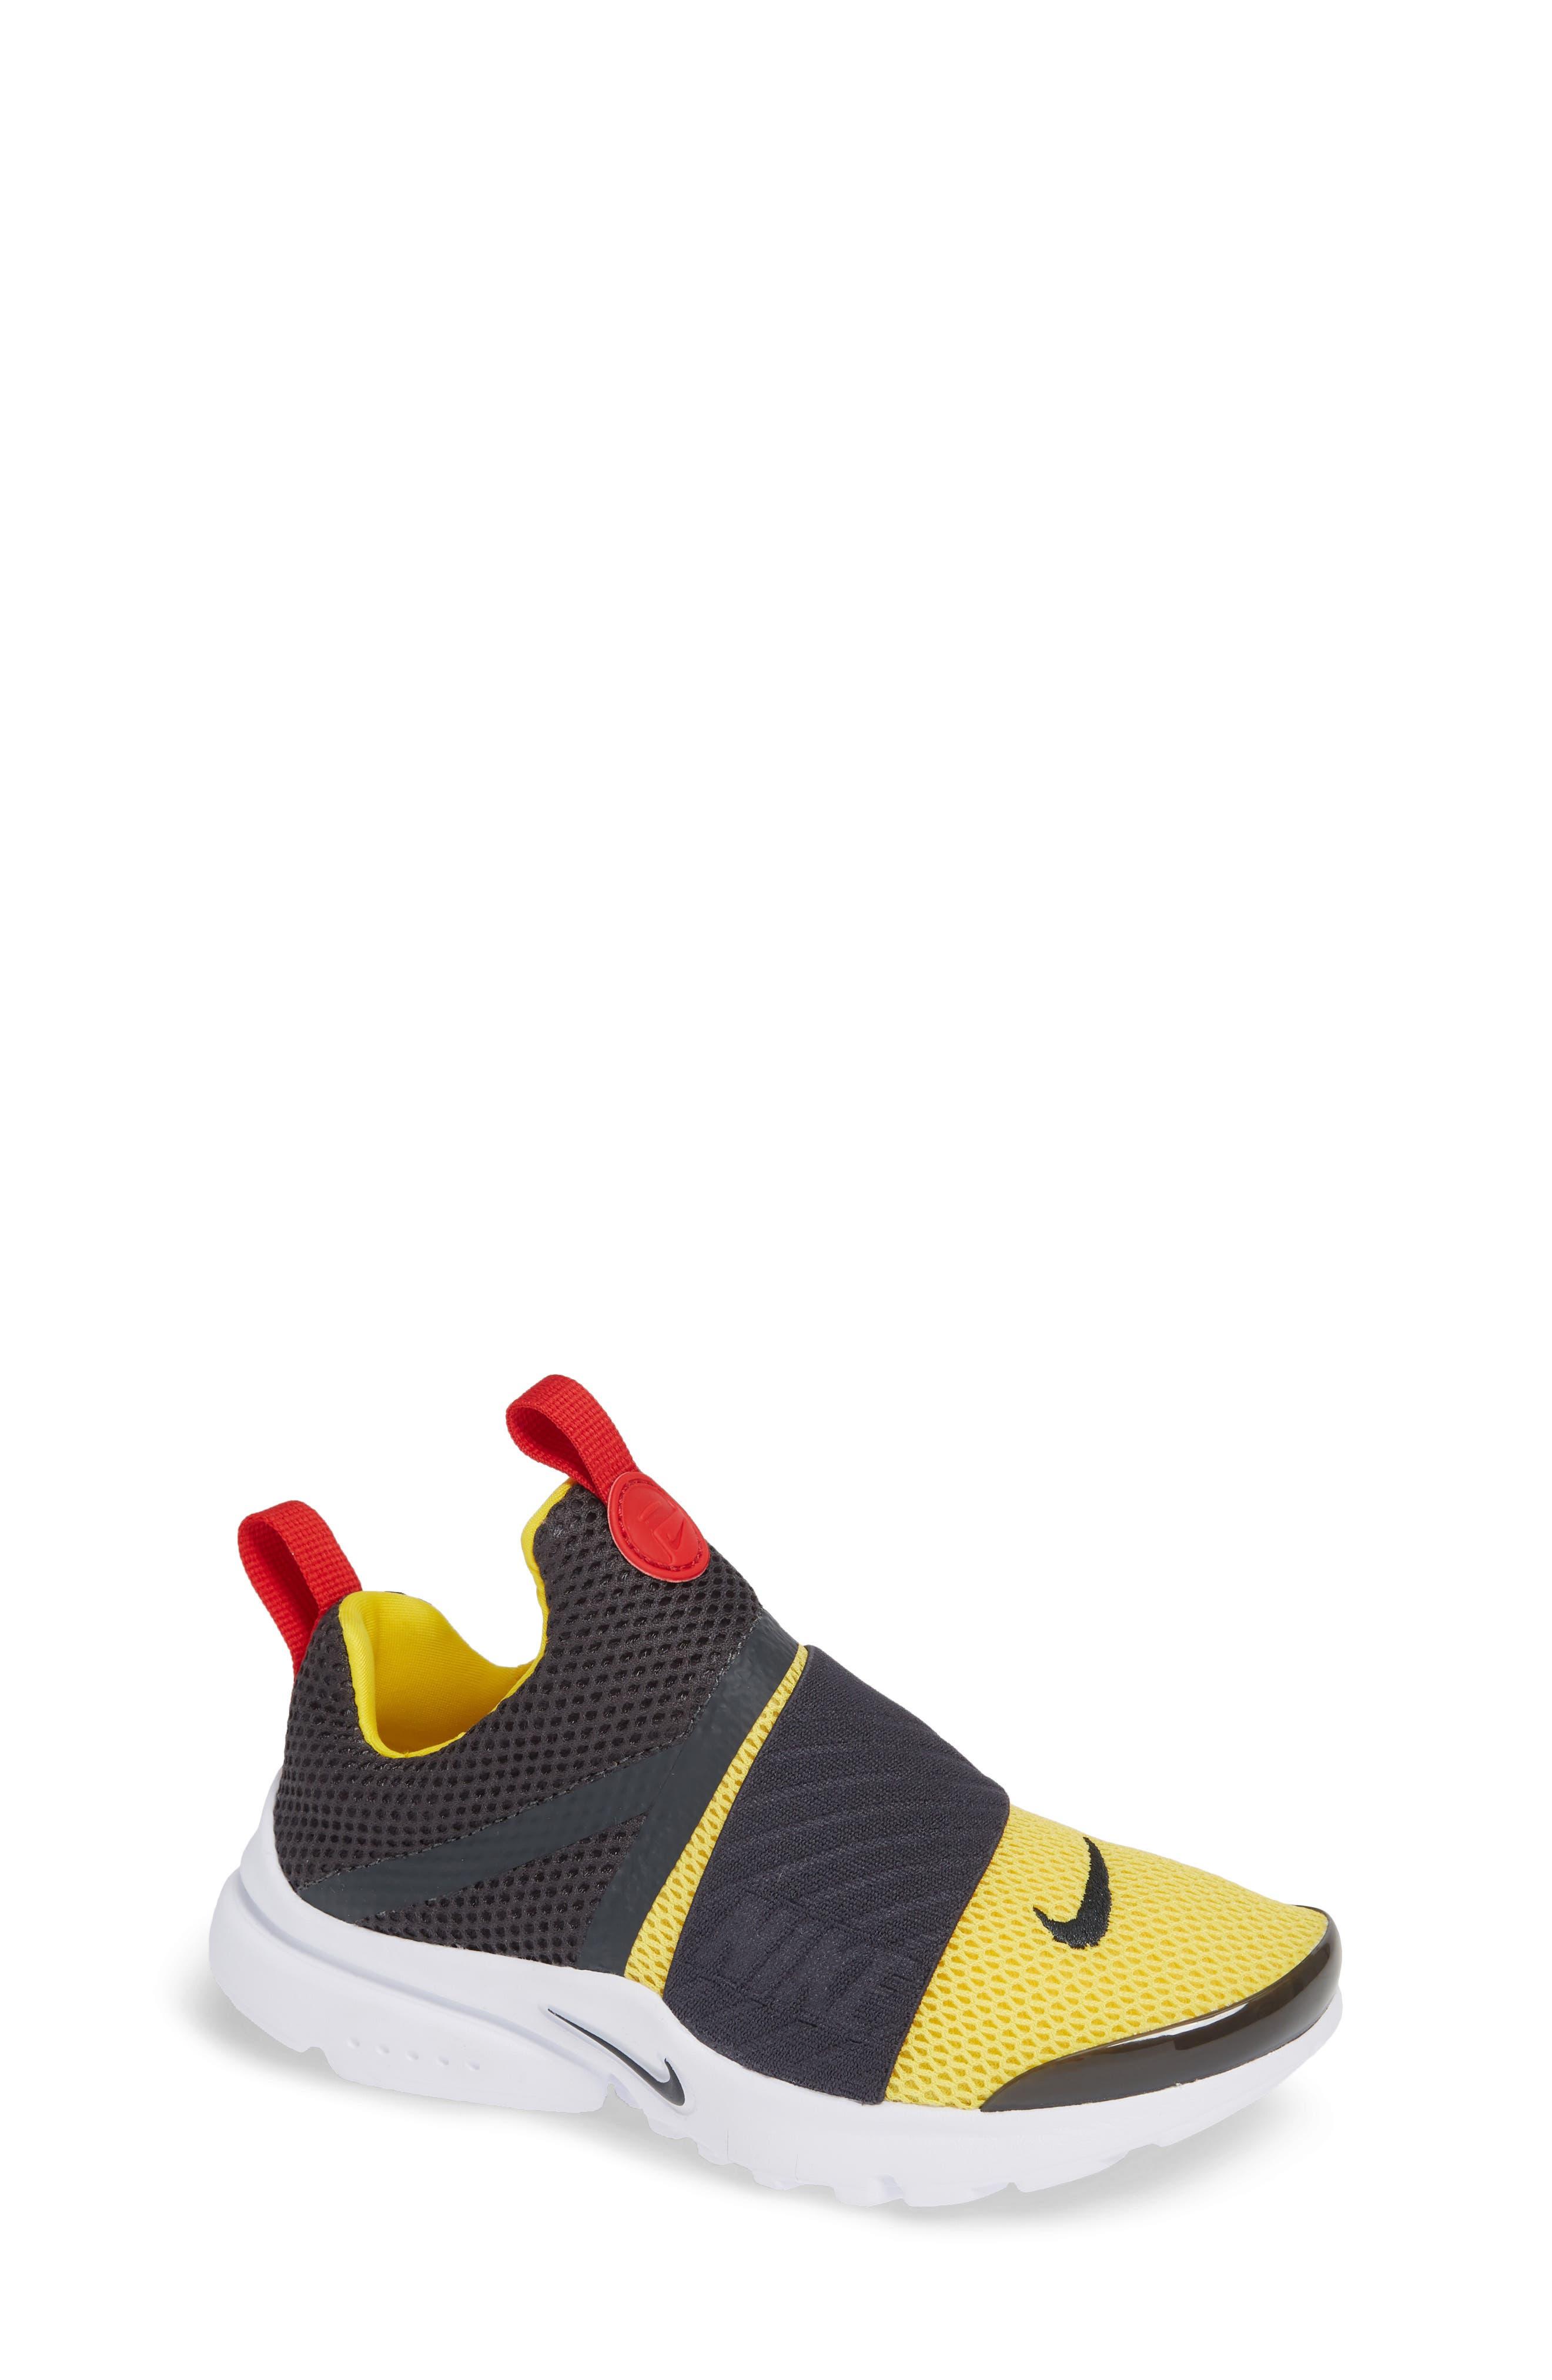 scarpe da ginnastica nike presto estrema (walker, bambino, piccolo e grande